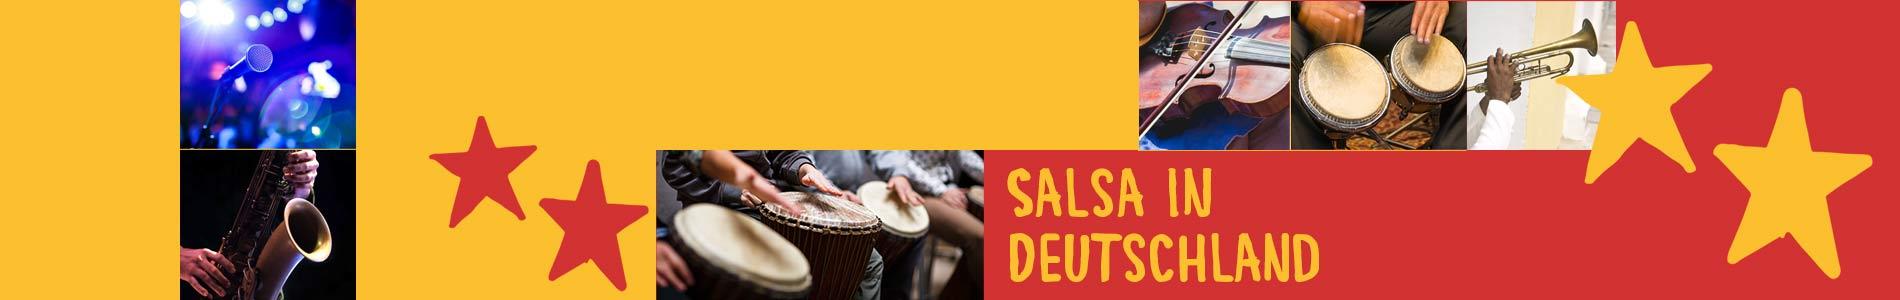 Salsa in Breddin – Salsa lernen und tanzen, Tanzkurse, Partys, Veranstaltungen